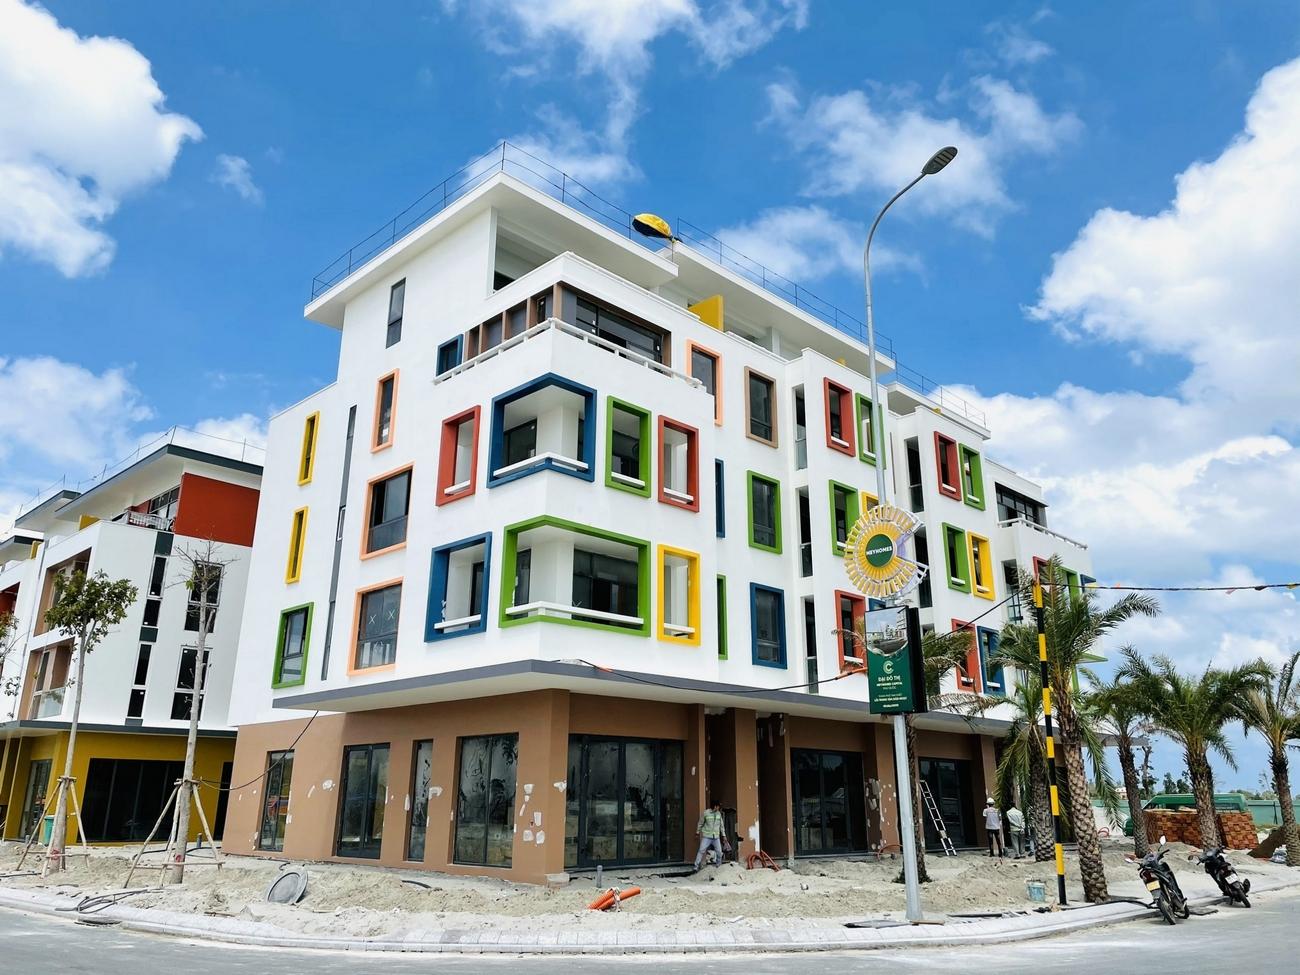 Tiến độ dự án căn hộ chung cư Meyhomes Capital Phu Quoc phu quoc Đường Trần Hưng Đạo chủ đầu tư Tân Á Đại Thành